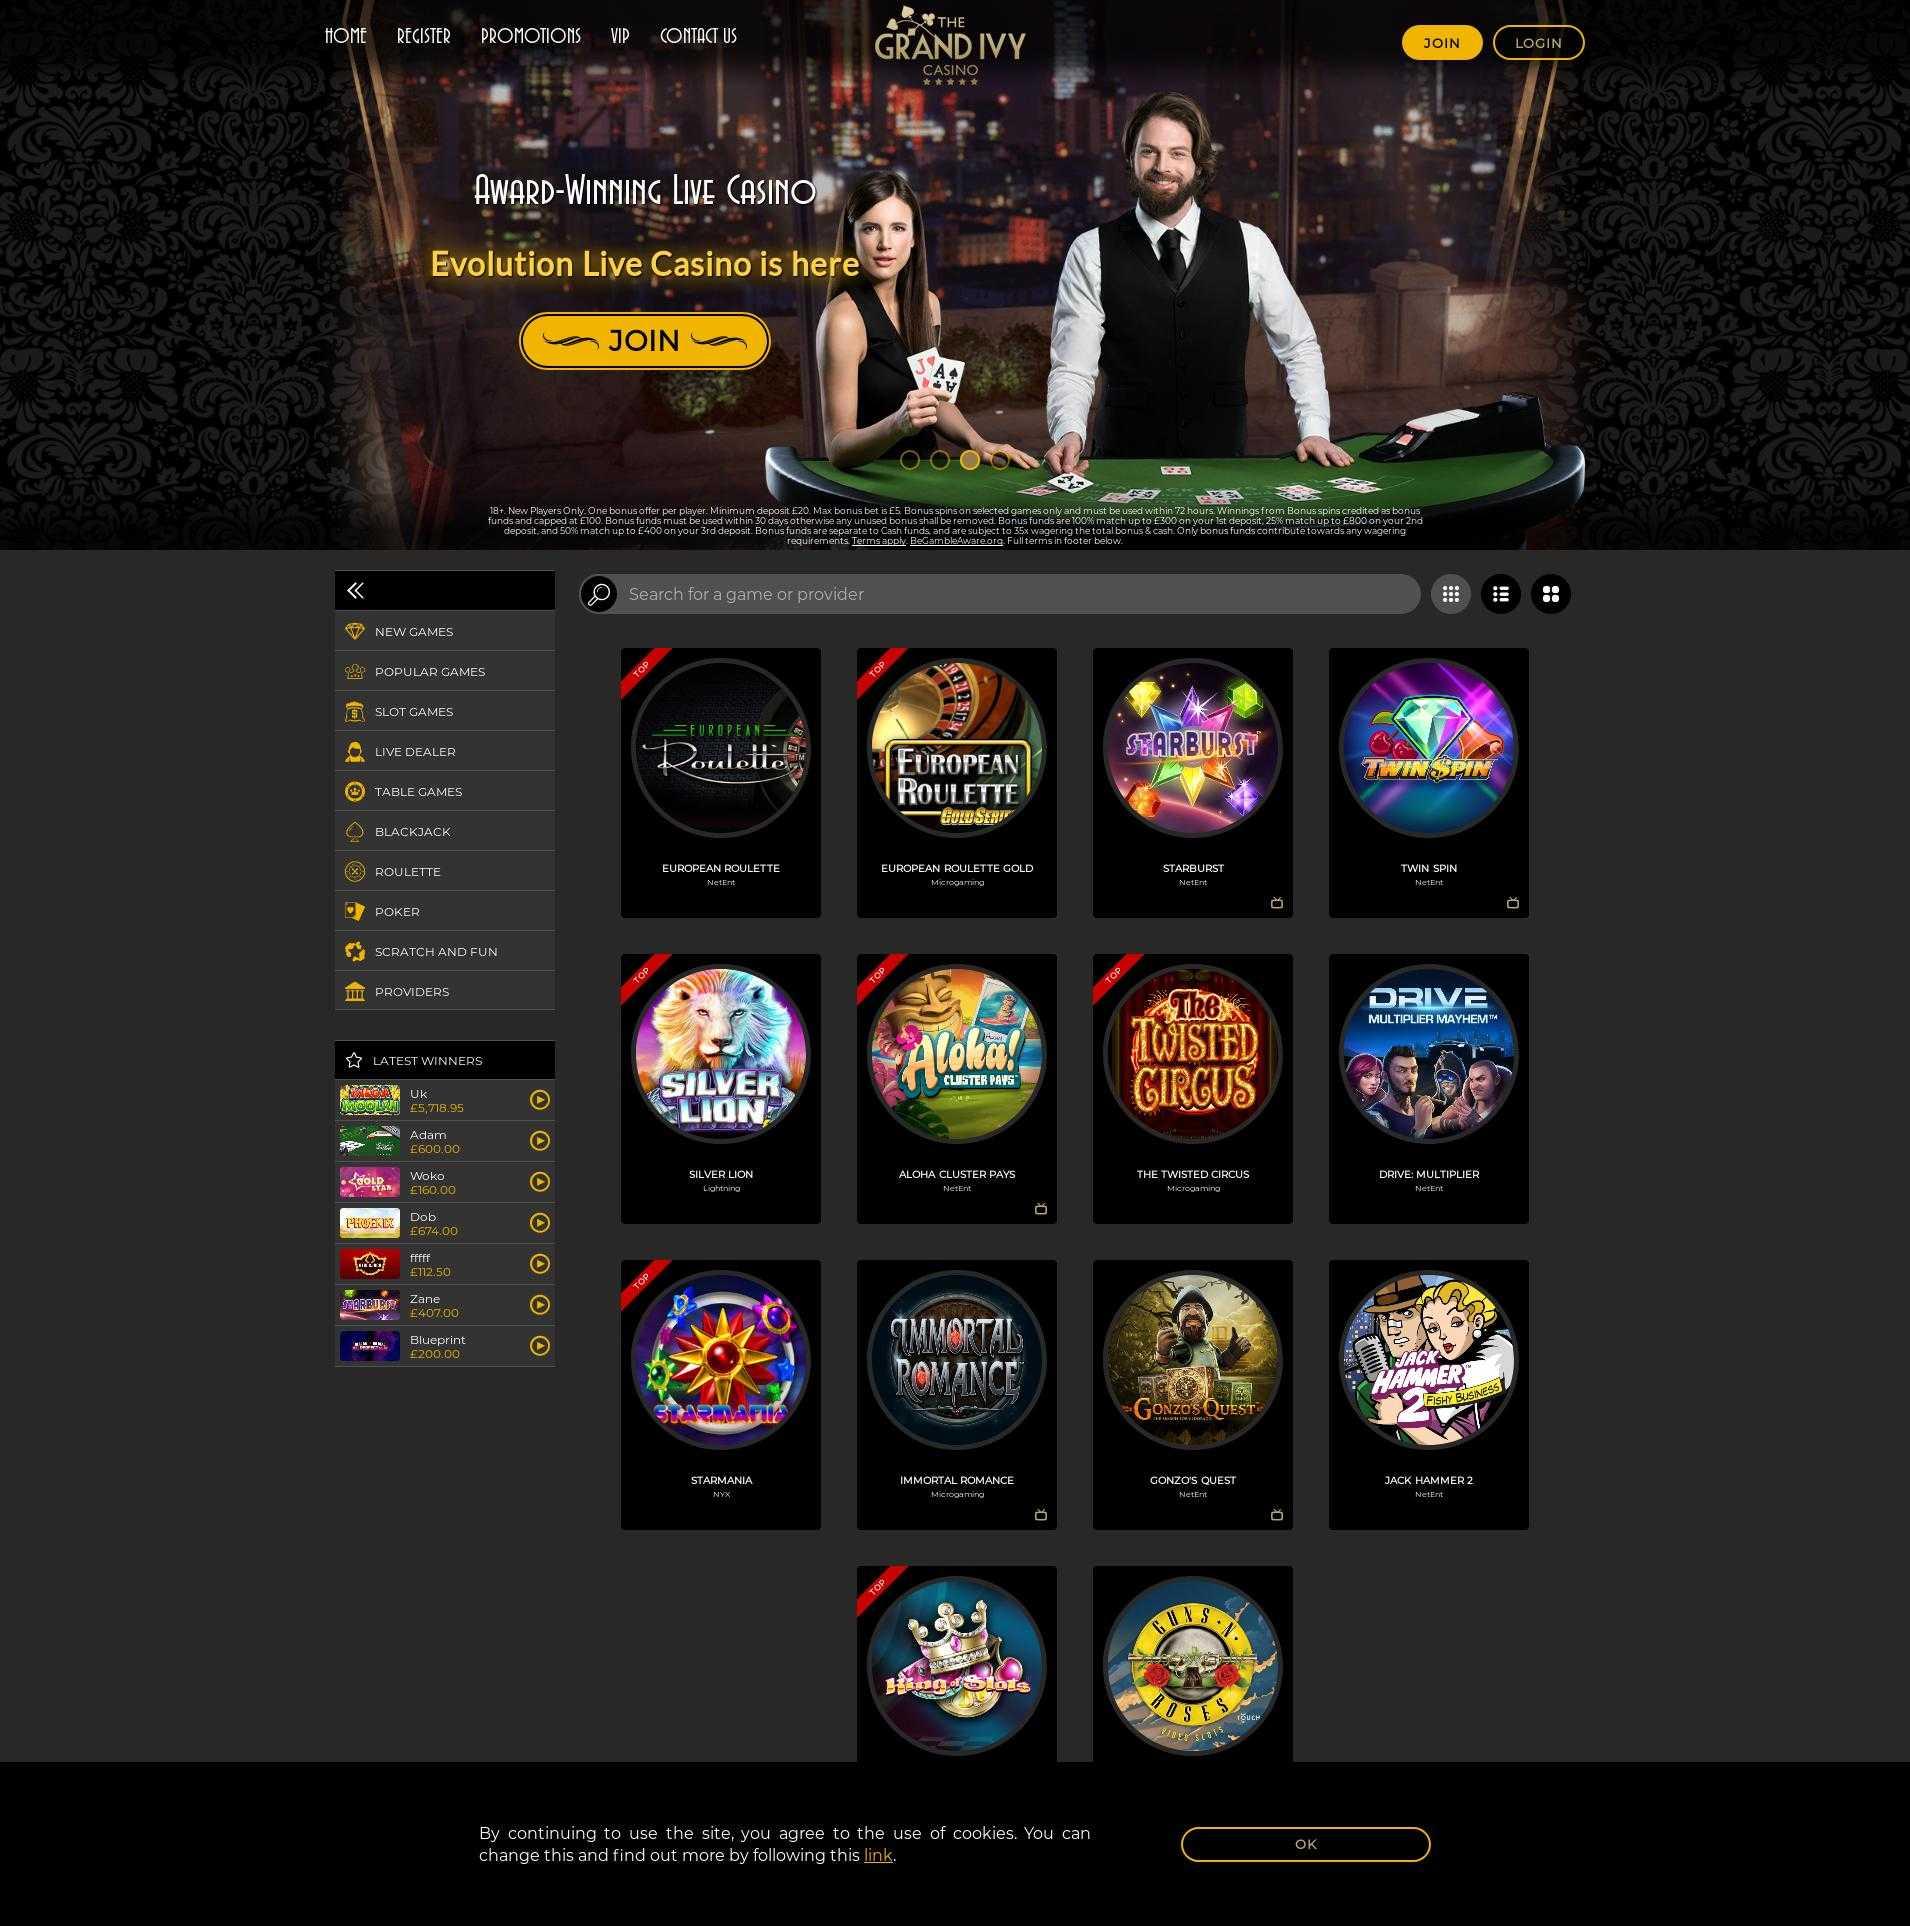 Bingo loto estland: seneste resultater og information